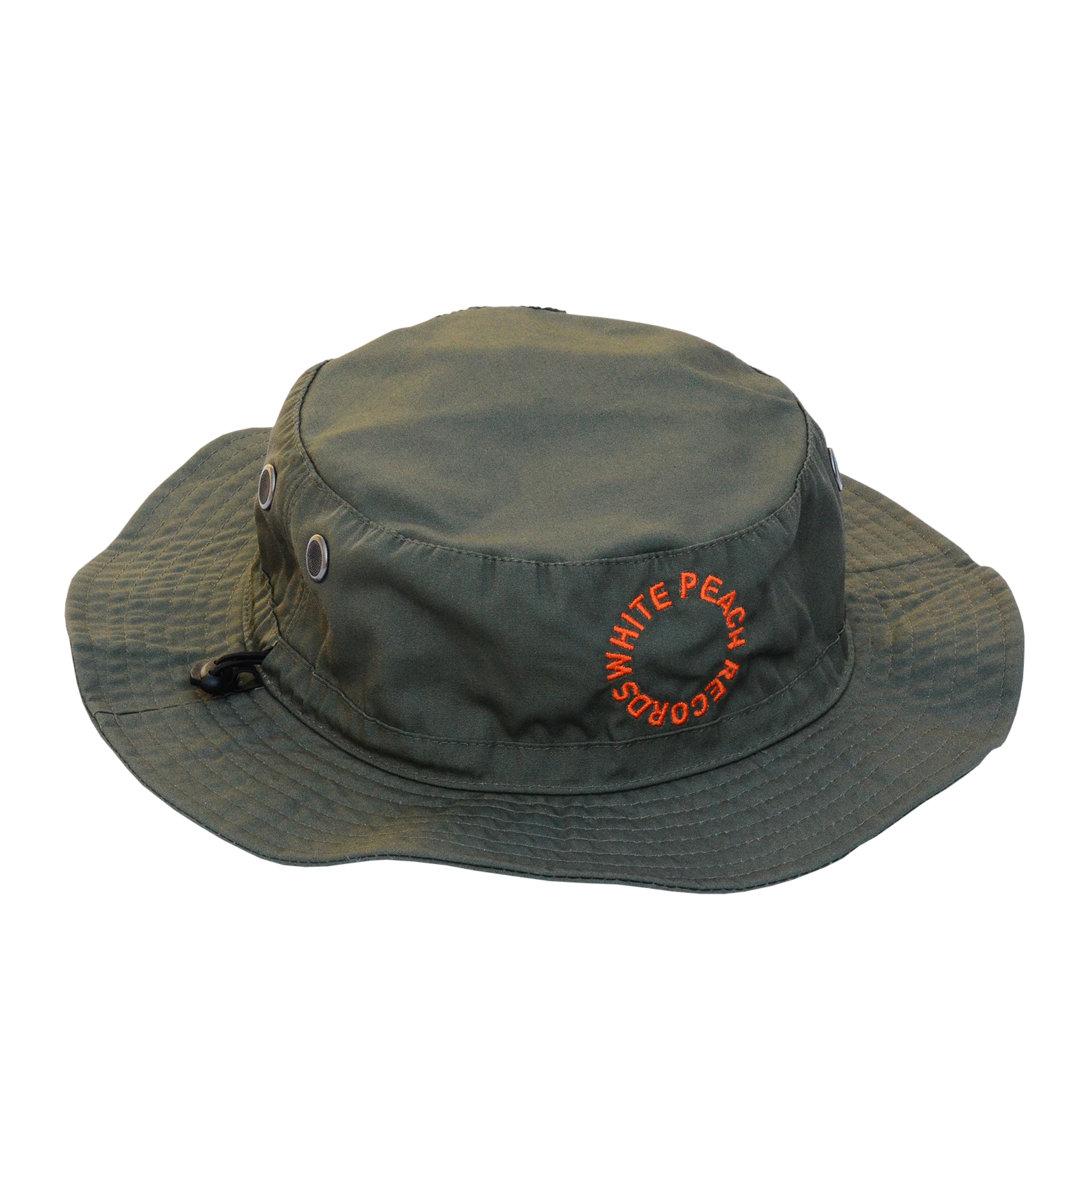 Wpt014 Green Bucket Hat W Orange Embroidery White Peach